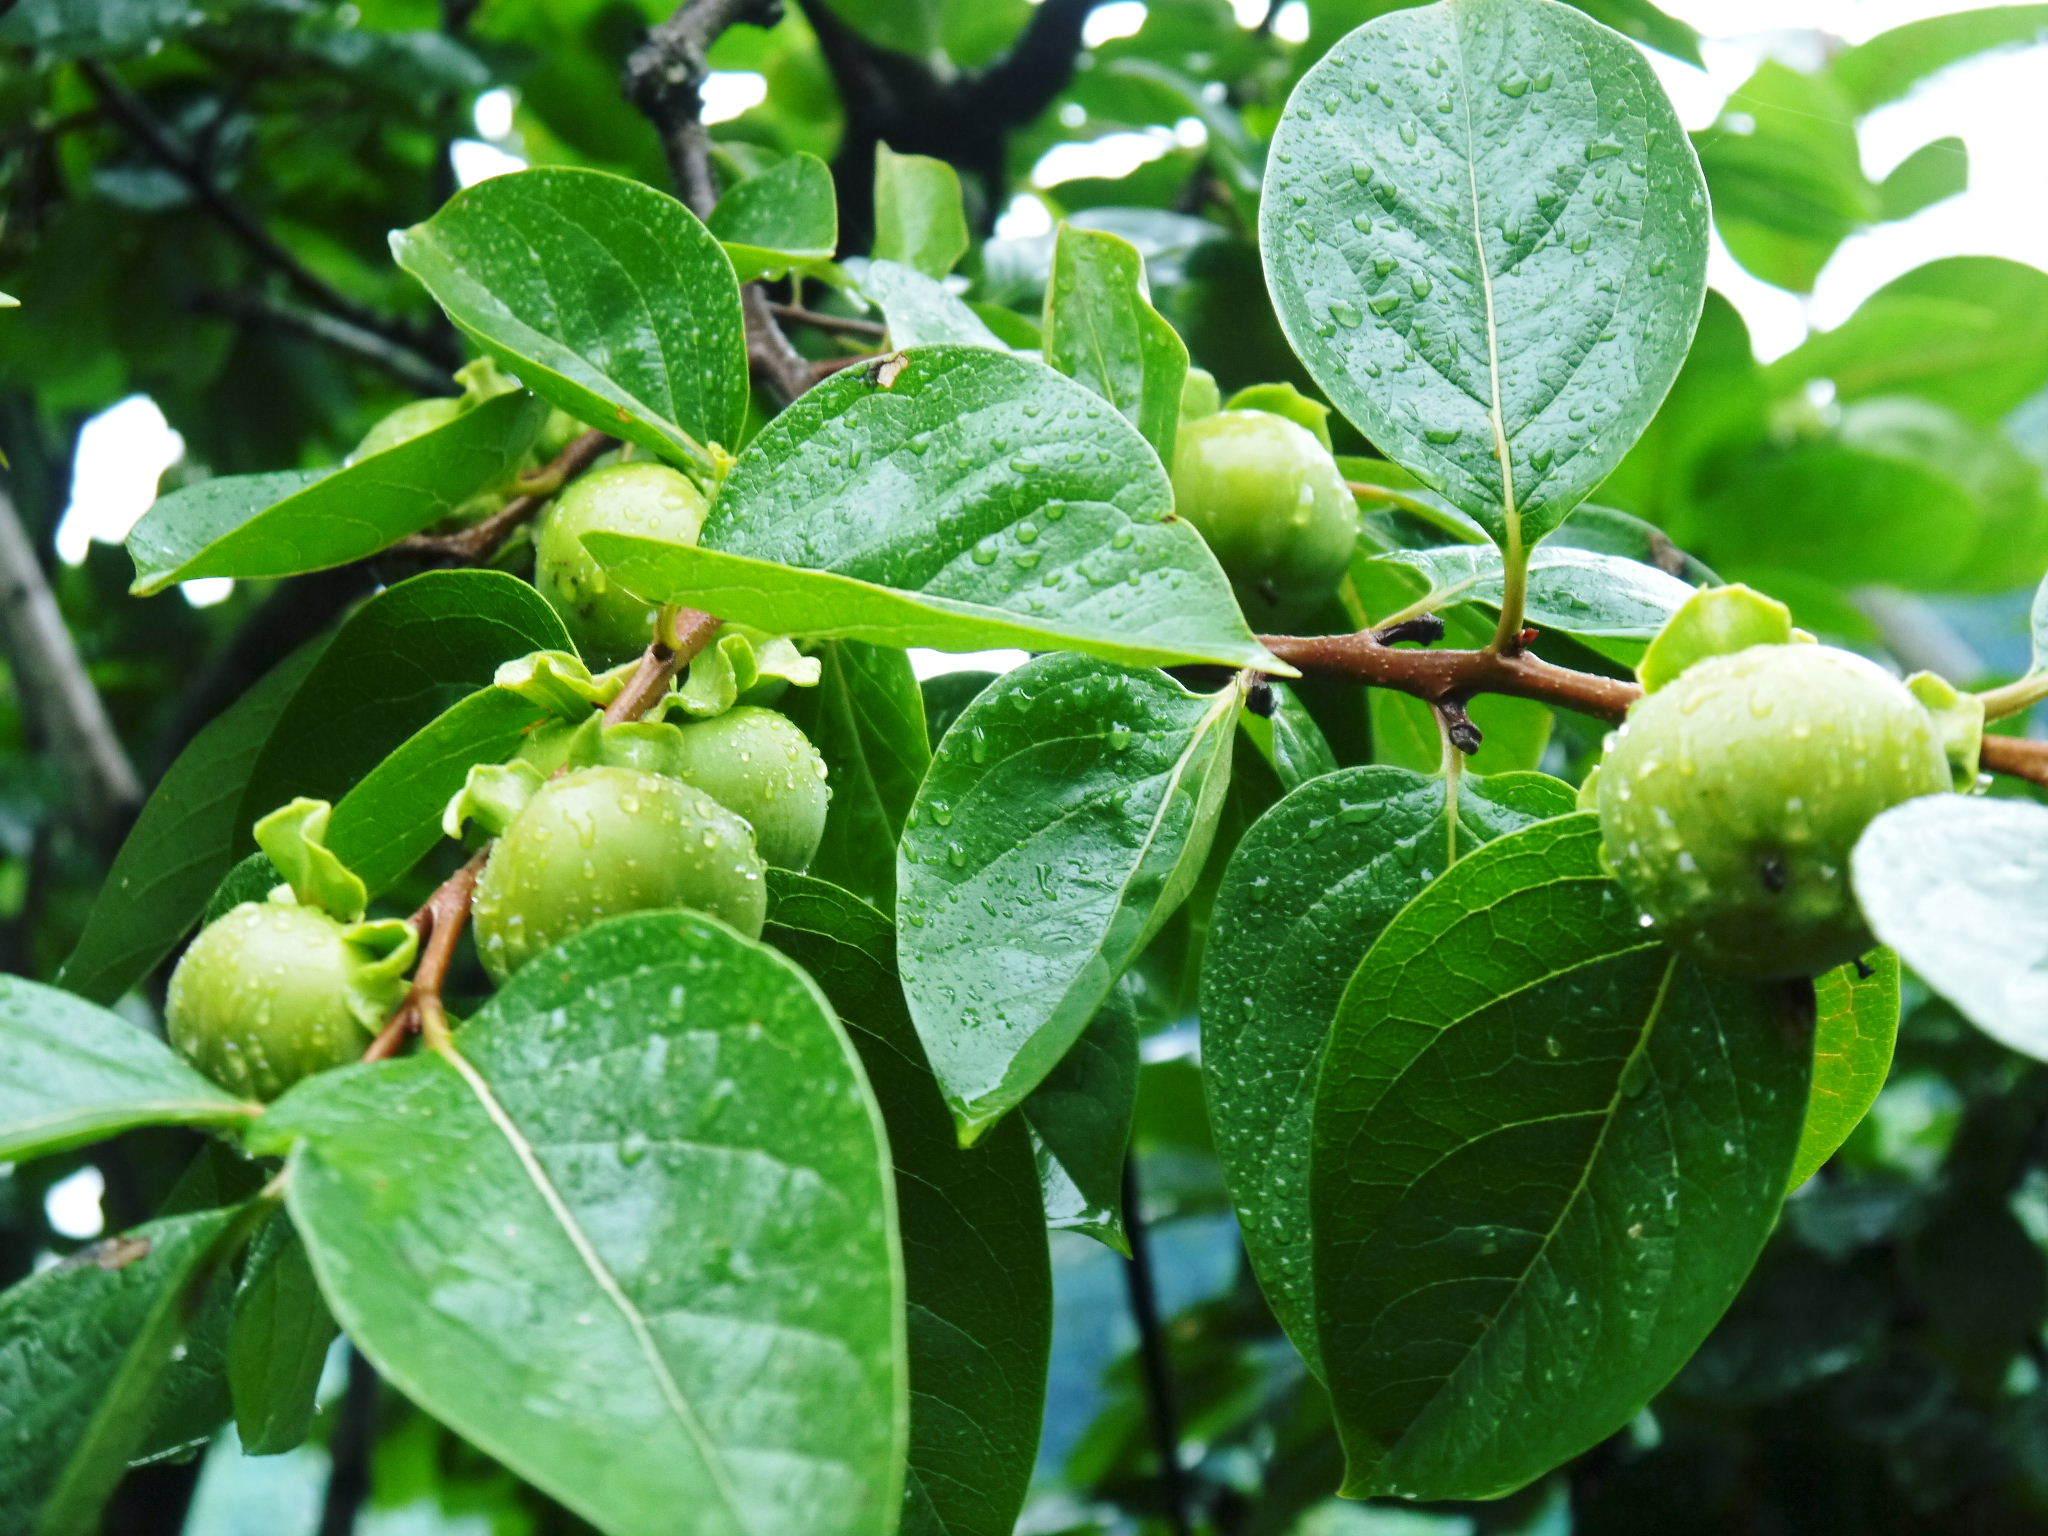 太秋柿 令和2年度の古川果樹園さんの『太秋柿』は収穫できた分だけの出荷で正式販売は中止となりました_a0254656_18144756.jpg